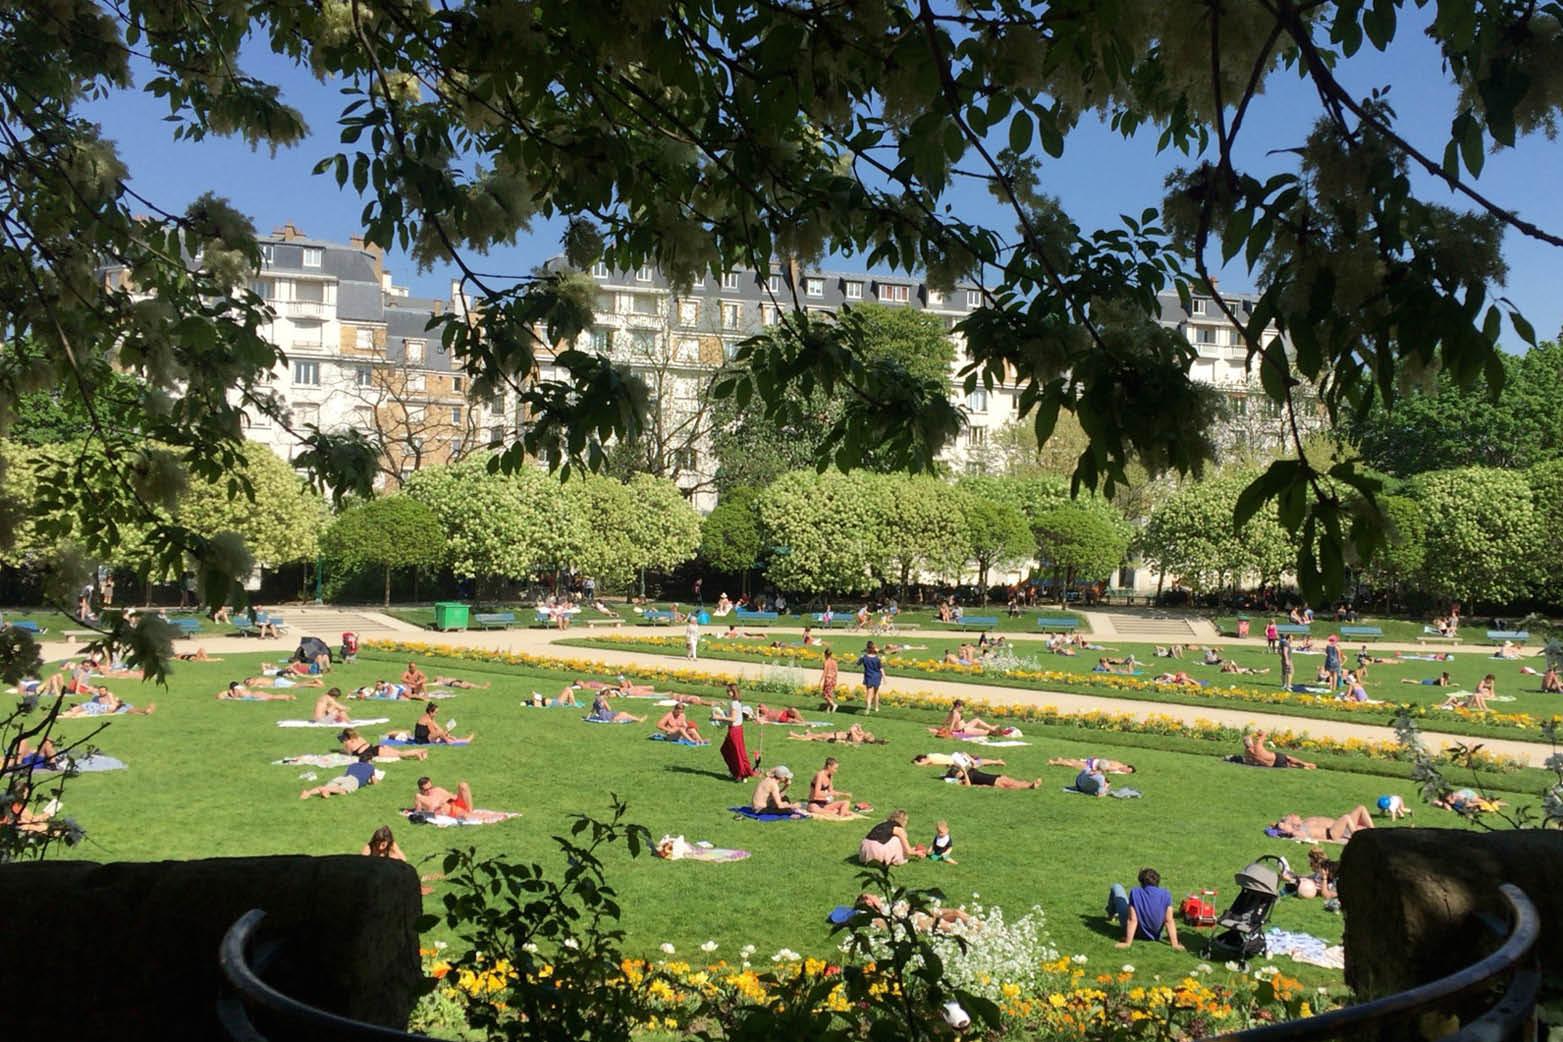 파리에 여름이 오고 있다. 크고 작은 파리의 공원들에선 본격적인 여름맞이가 한창이다